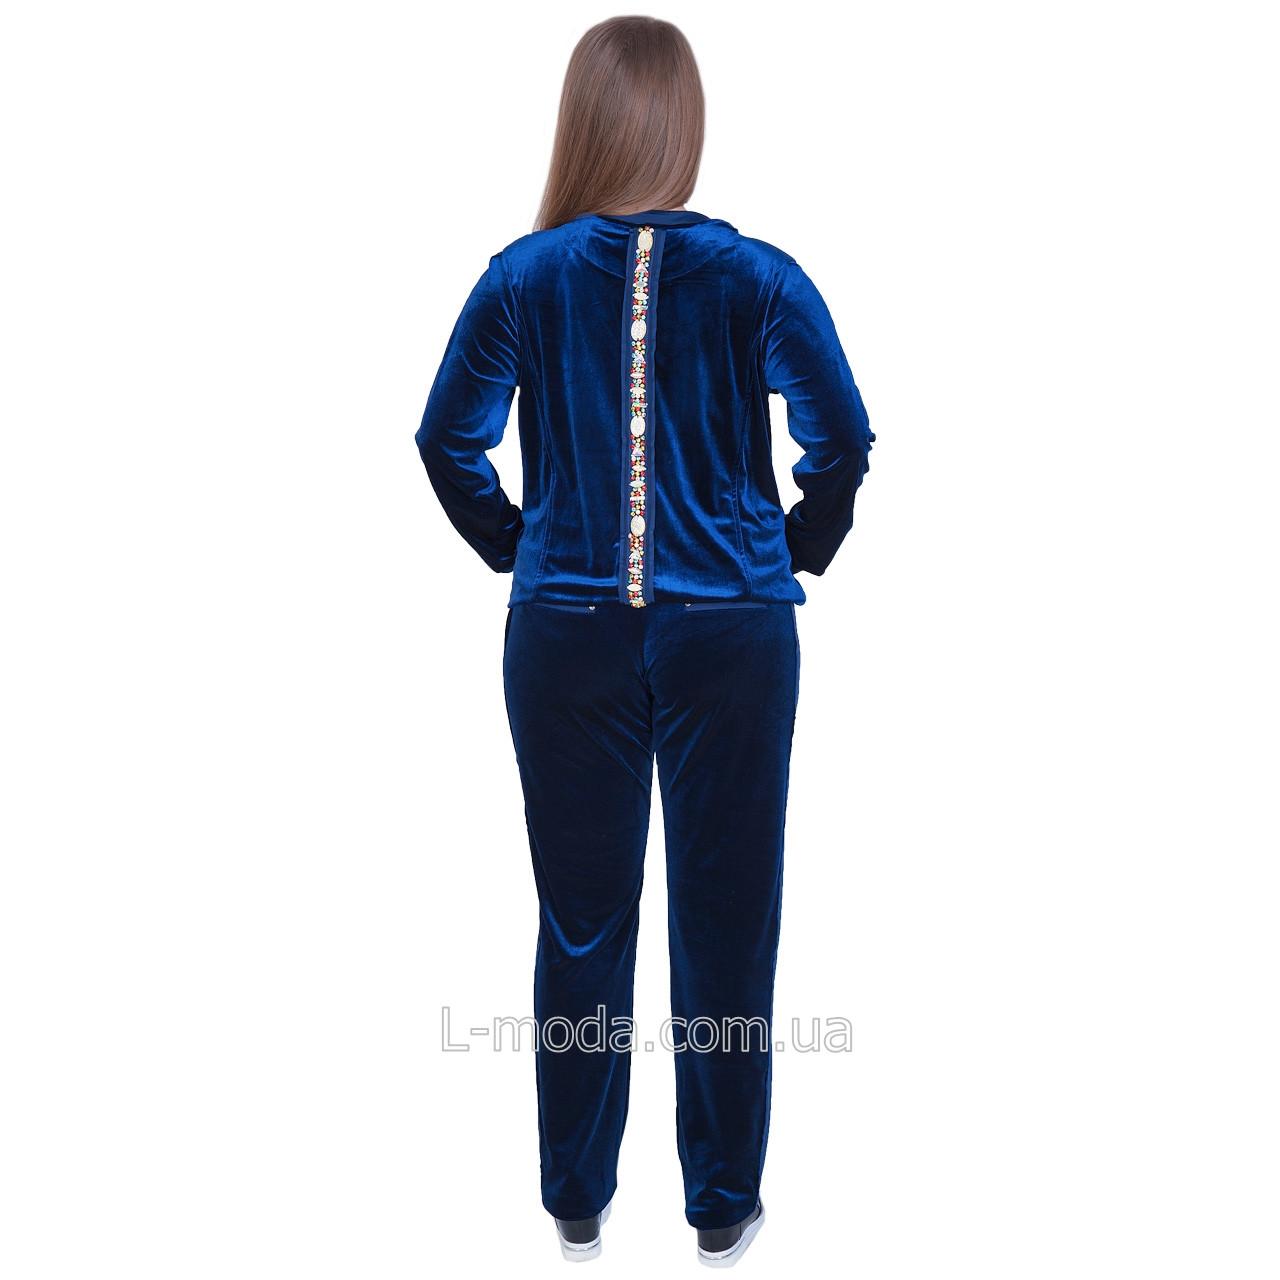 64421073 Спортивный костюм велюровый женский синий с камнями: продажа, цена в ...